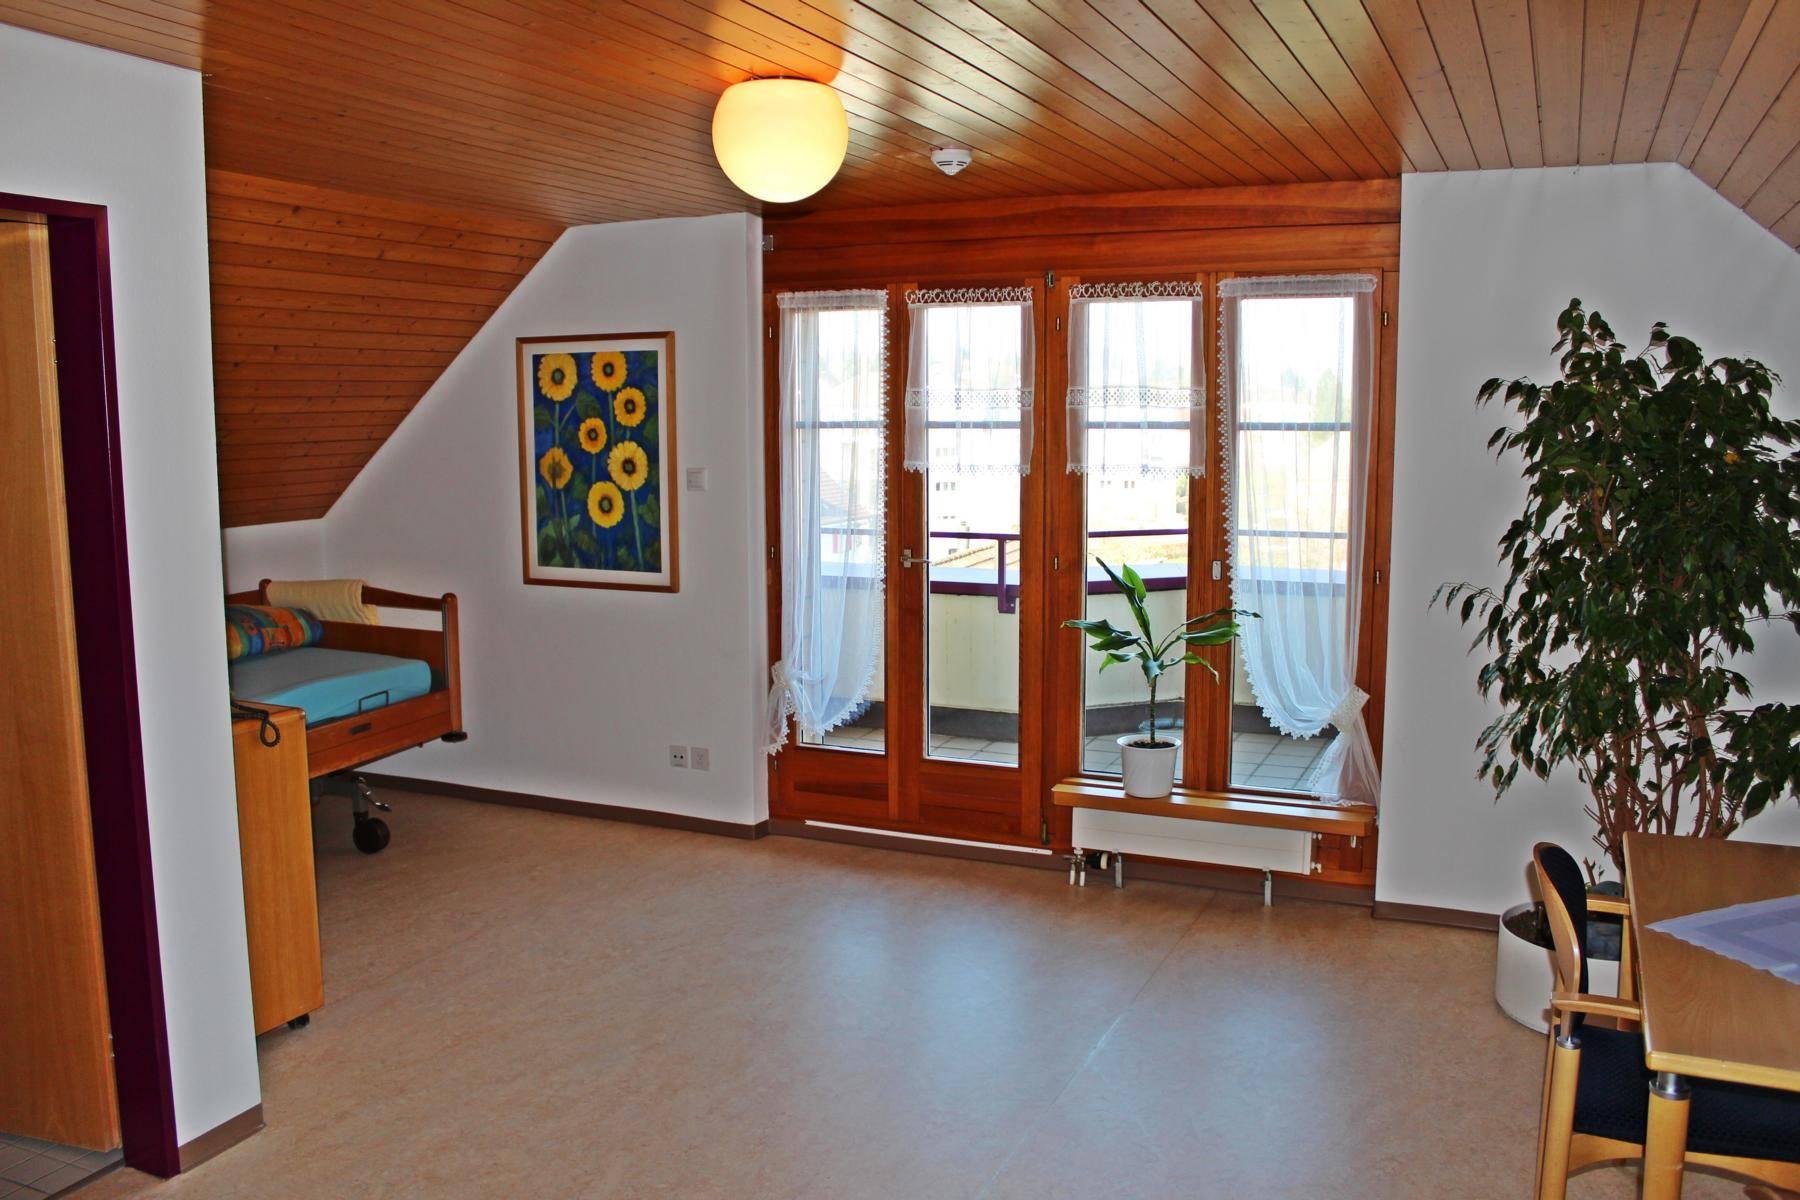 Bindersgarten Tägerwilen Pflegeferien Zimmer